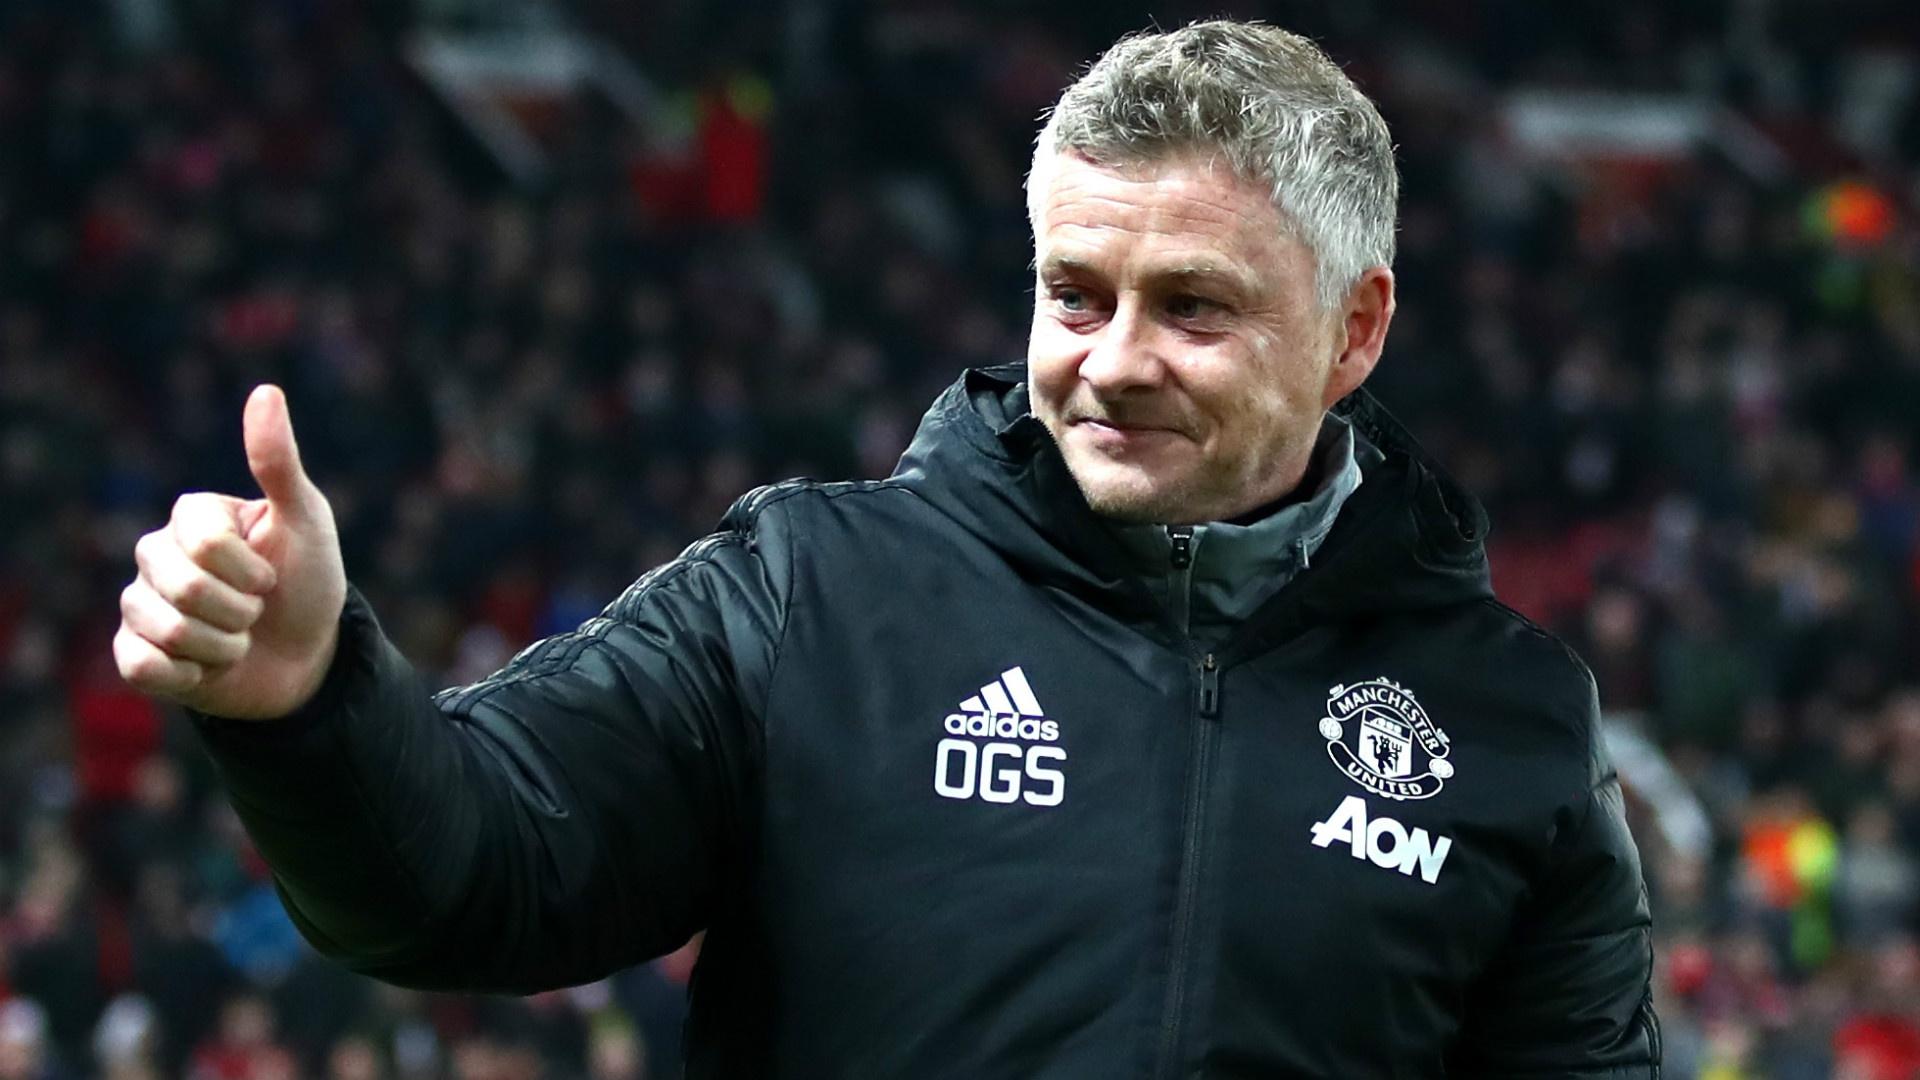 Man United thua đau Leicester, Solskjaer nhận được lời bào chữa - Bóng Đá